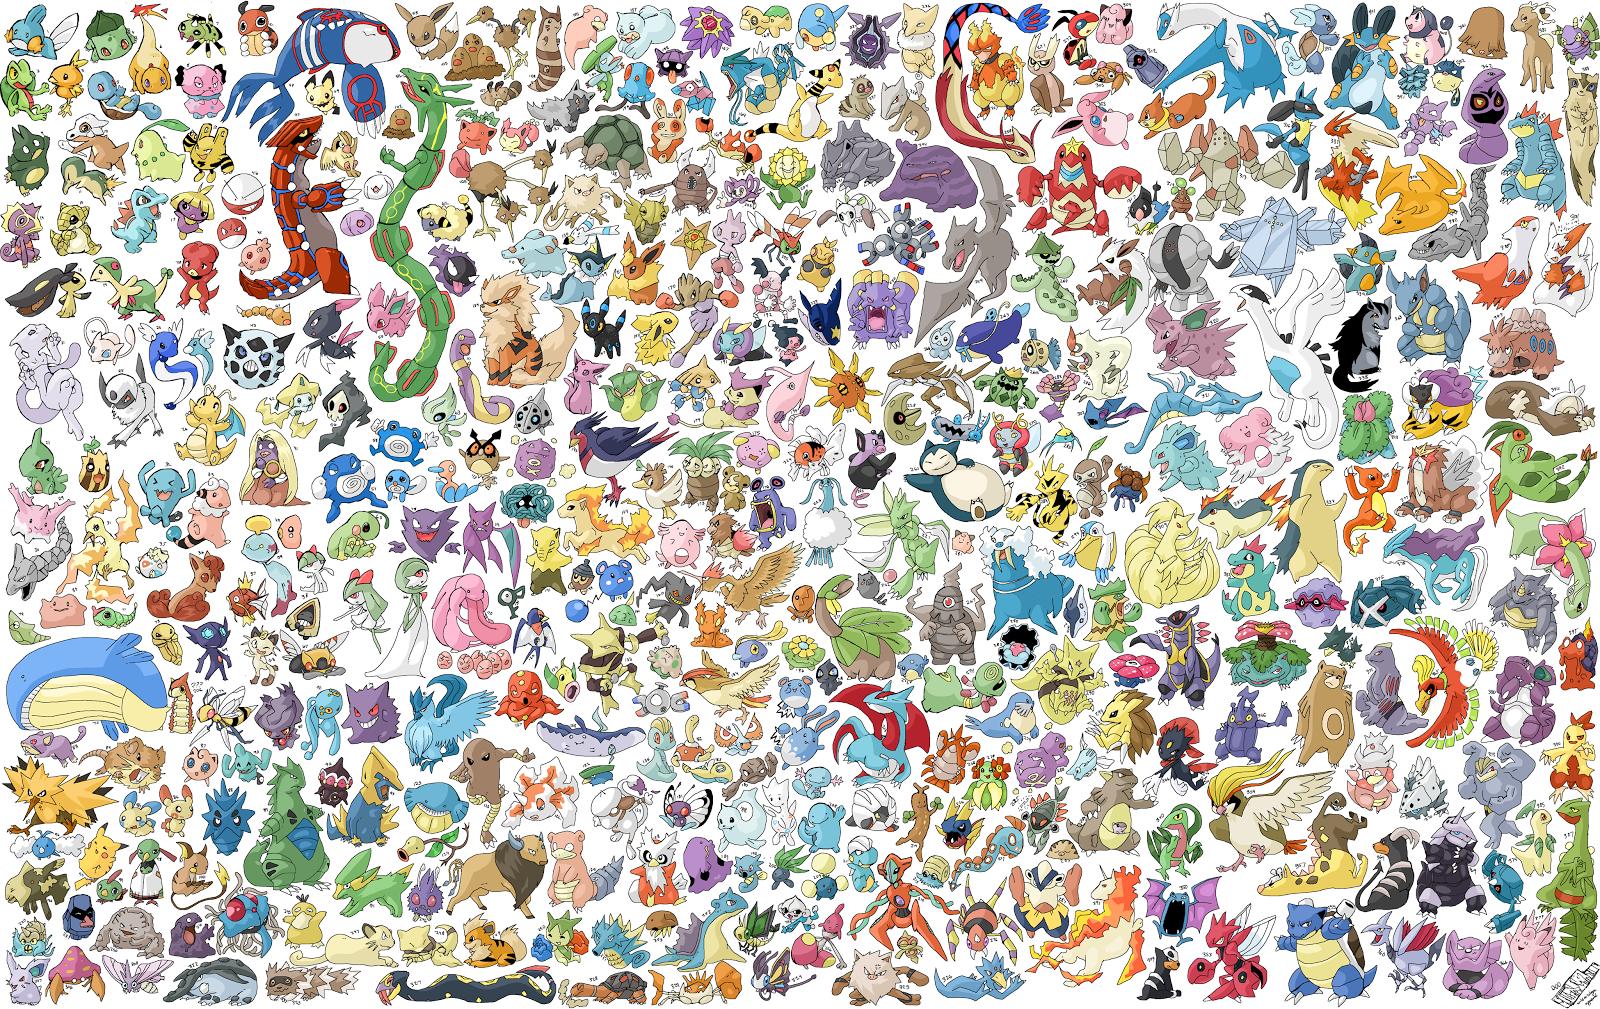 Every single pokemon picture every single pokemon wallpaper - Colorir E Pintar Todos Os Pokemon Tabela Colorida Raridade